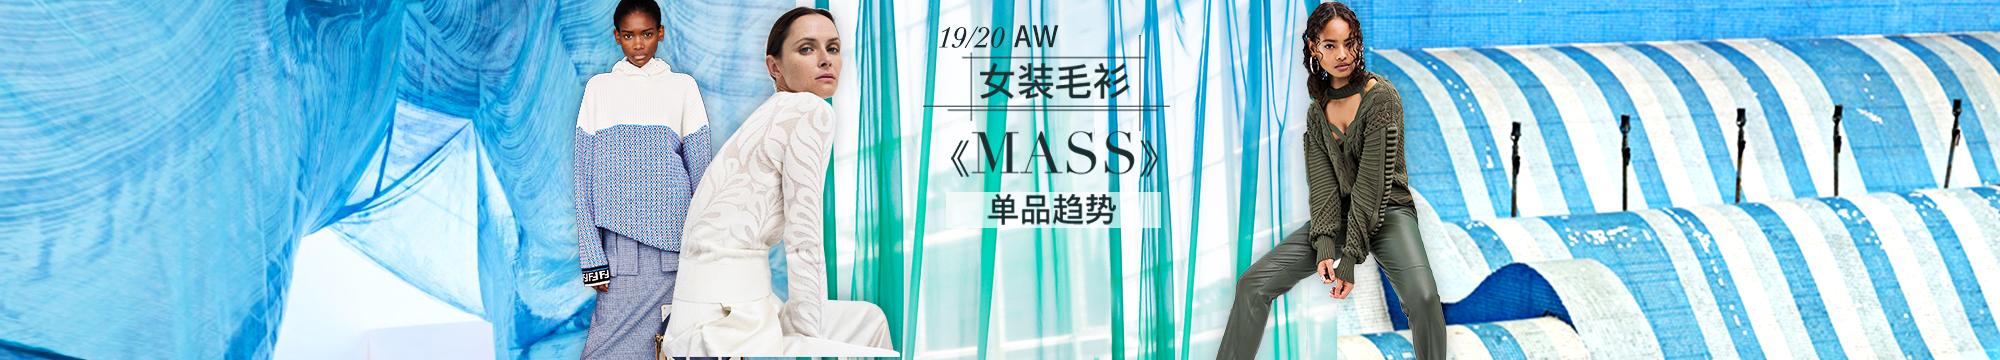 《MASS》19/20秋冬女裝毛衫單品趨勢